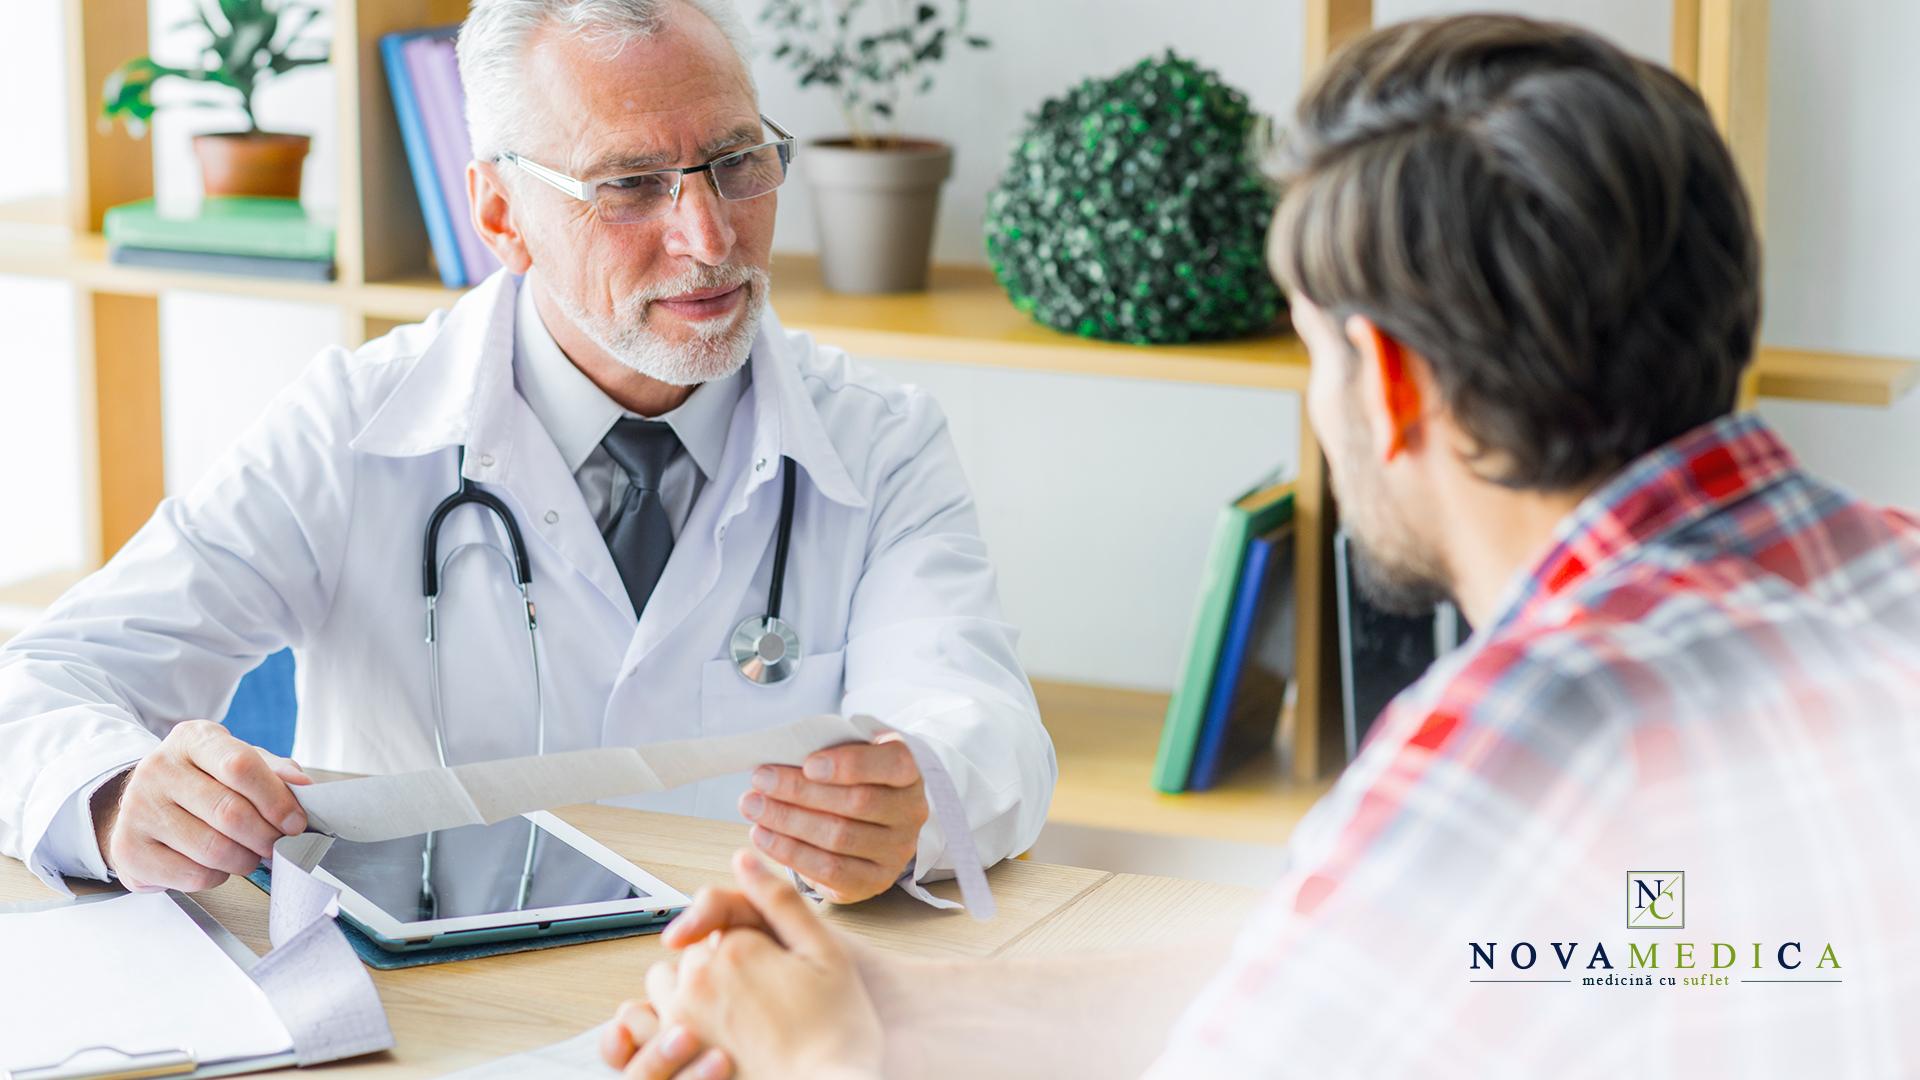 Tumori renale - optiuni terapeutice